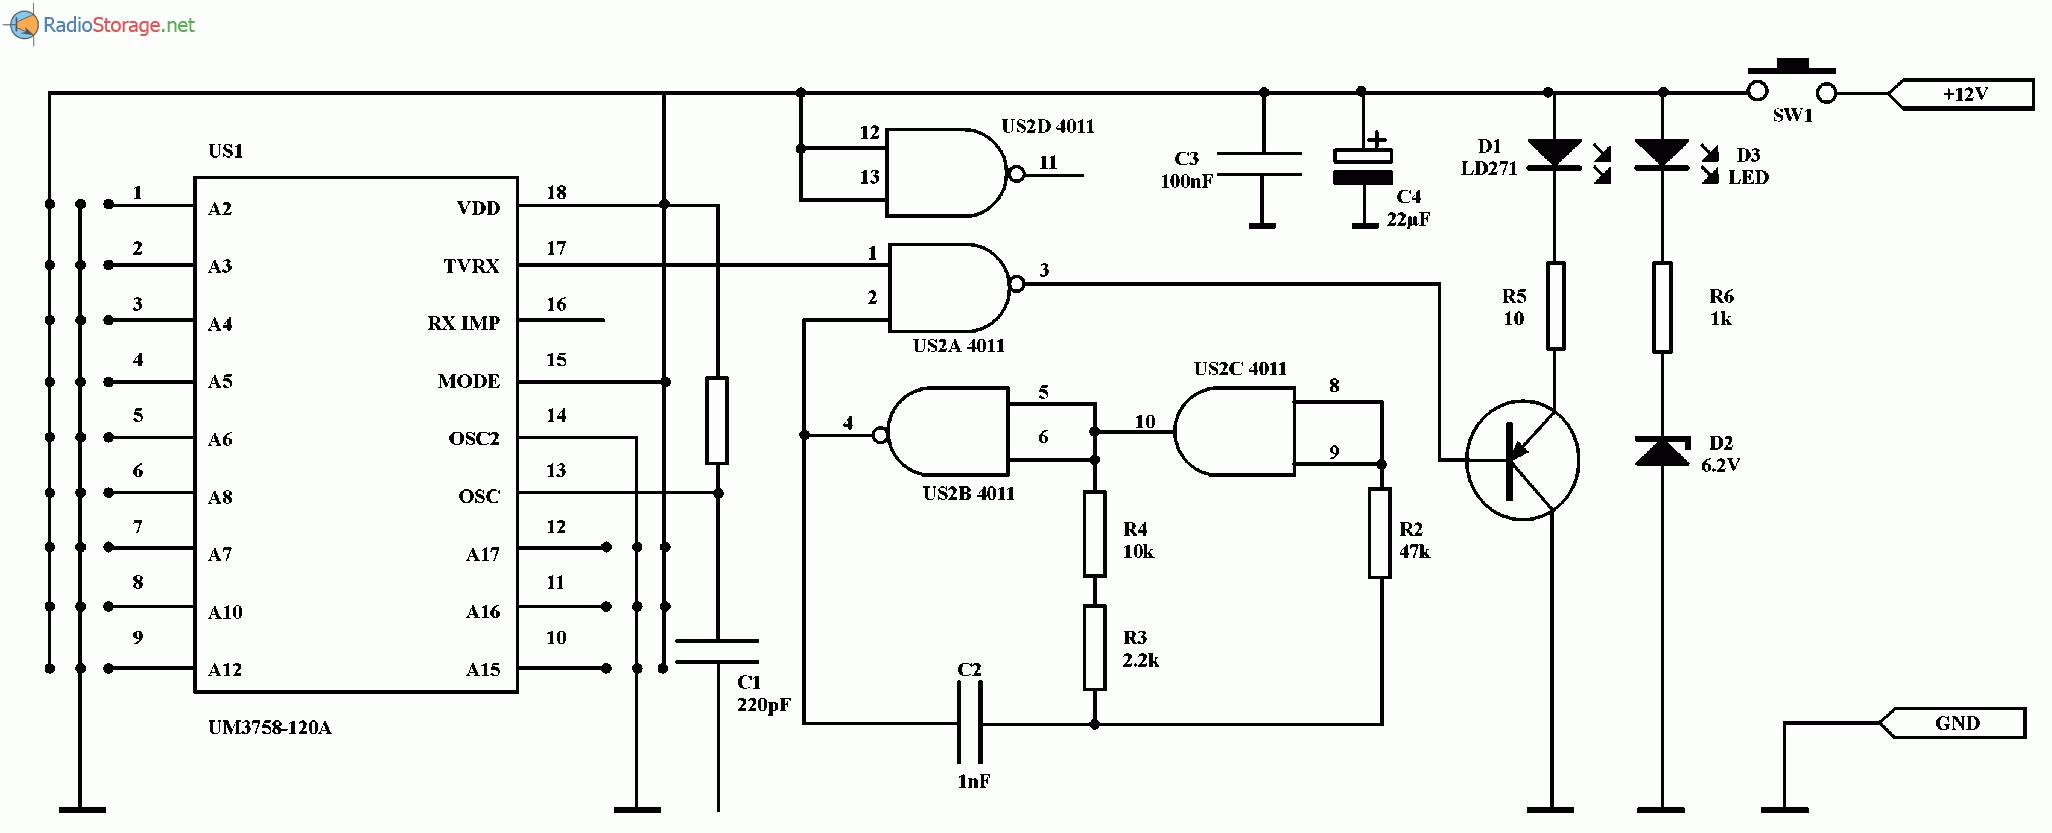 Пульт дистанционного управления на ИК лучах с кодированием (UM3758-120A), схема